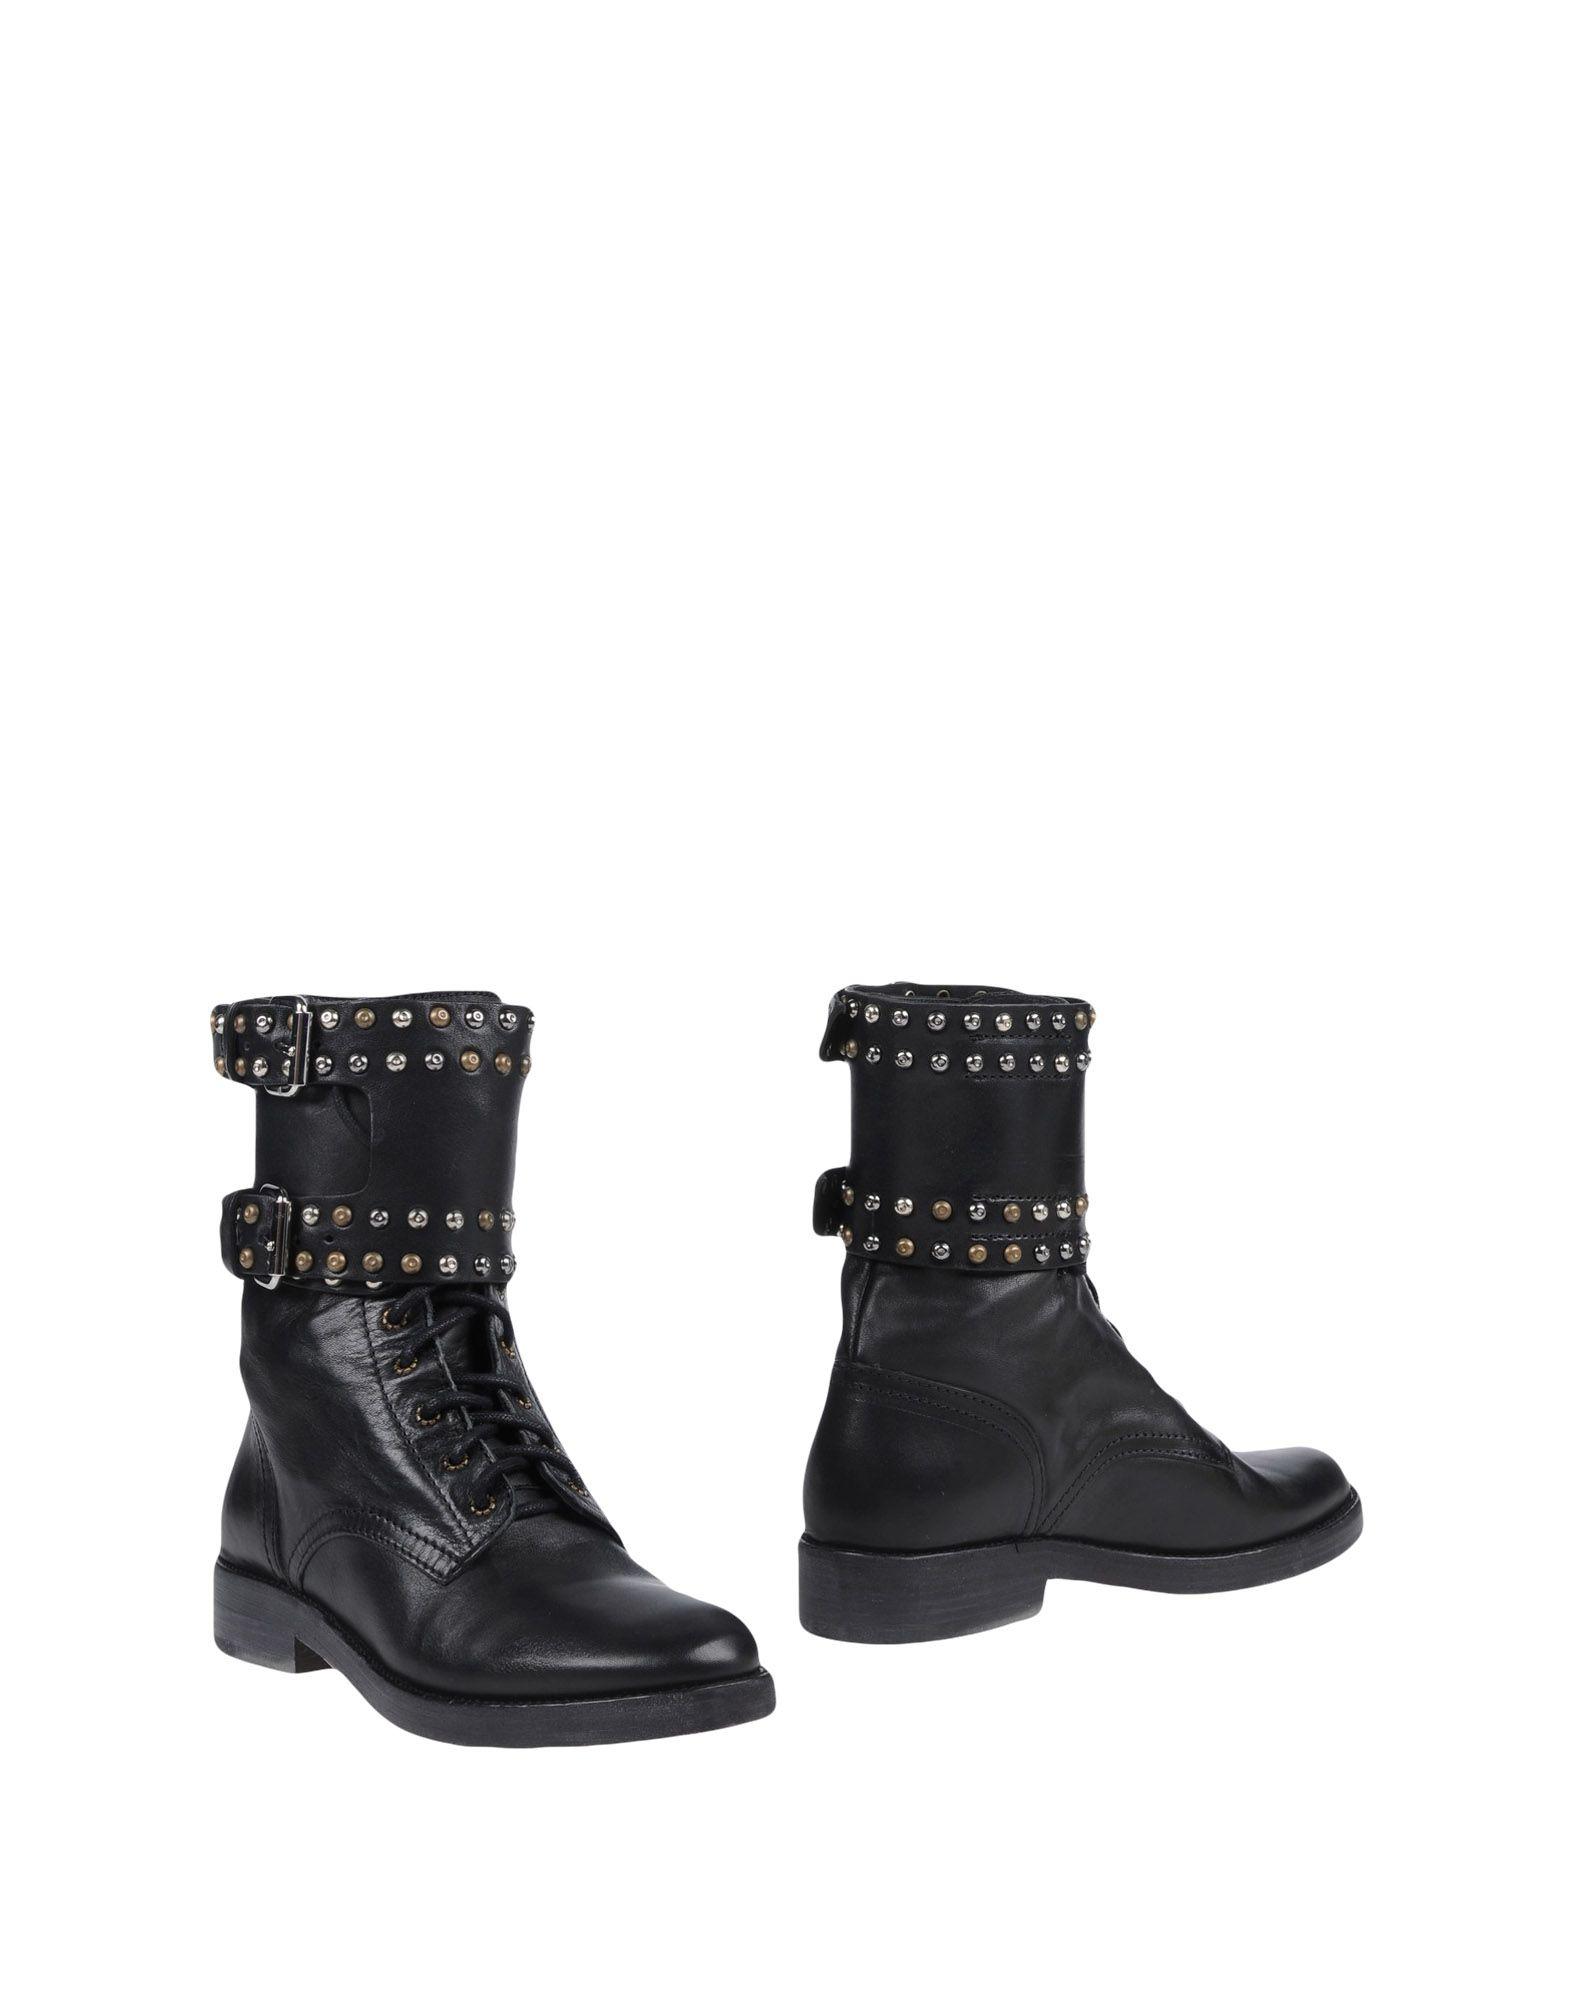 Isabel Marant Stiefelette Damen  11448347BHGünstige gut aussehende Schuhe